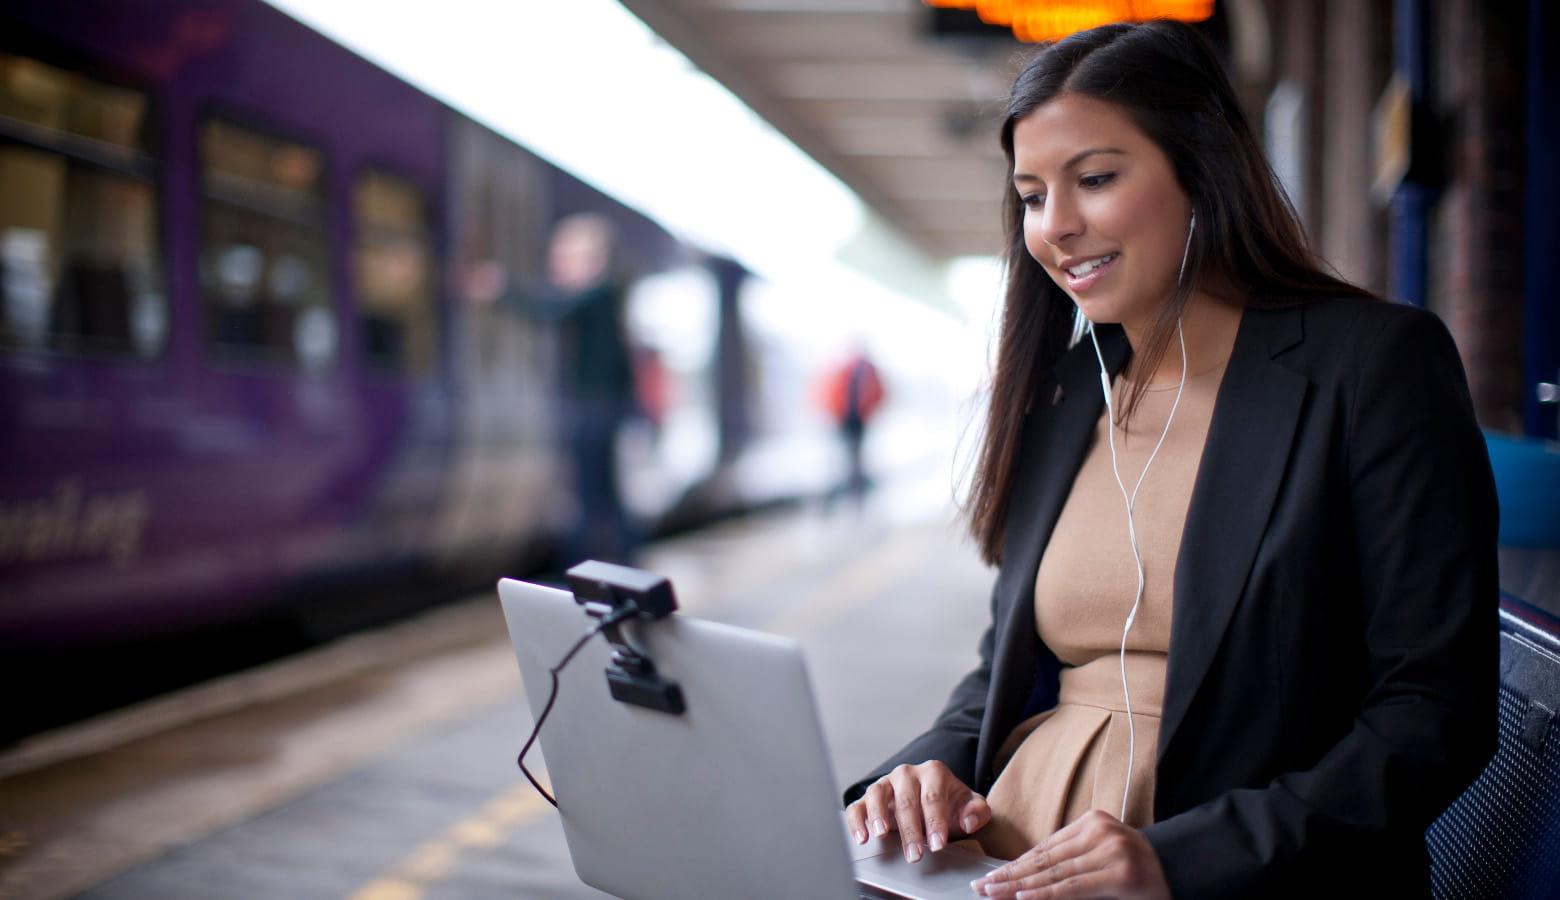 Mulher com laptop em uma estação